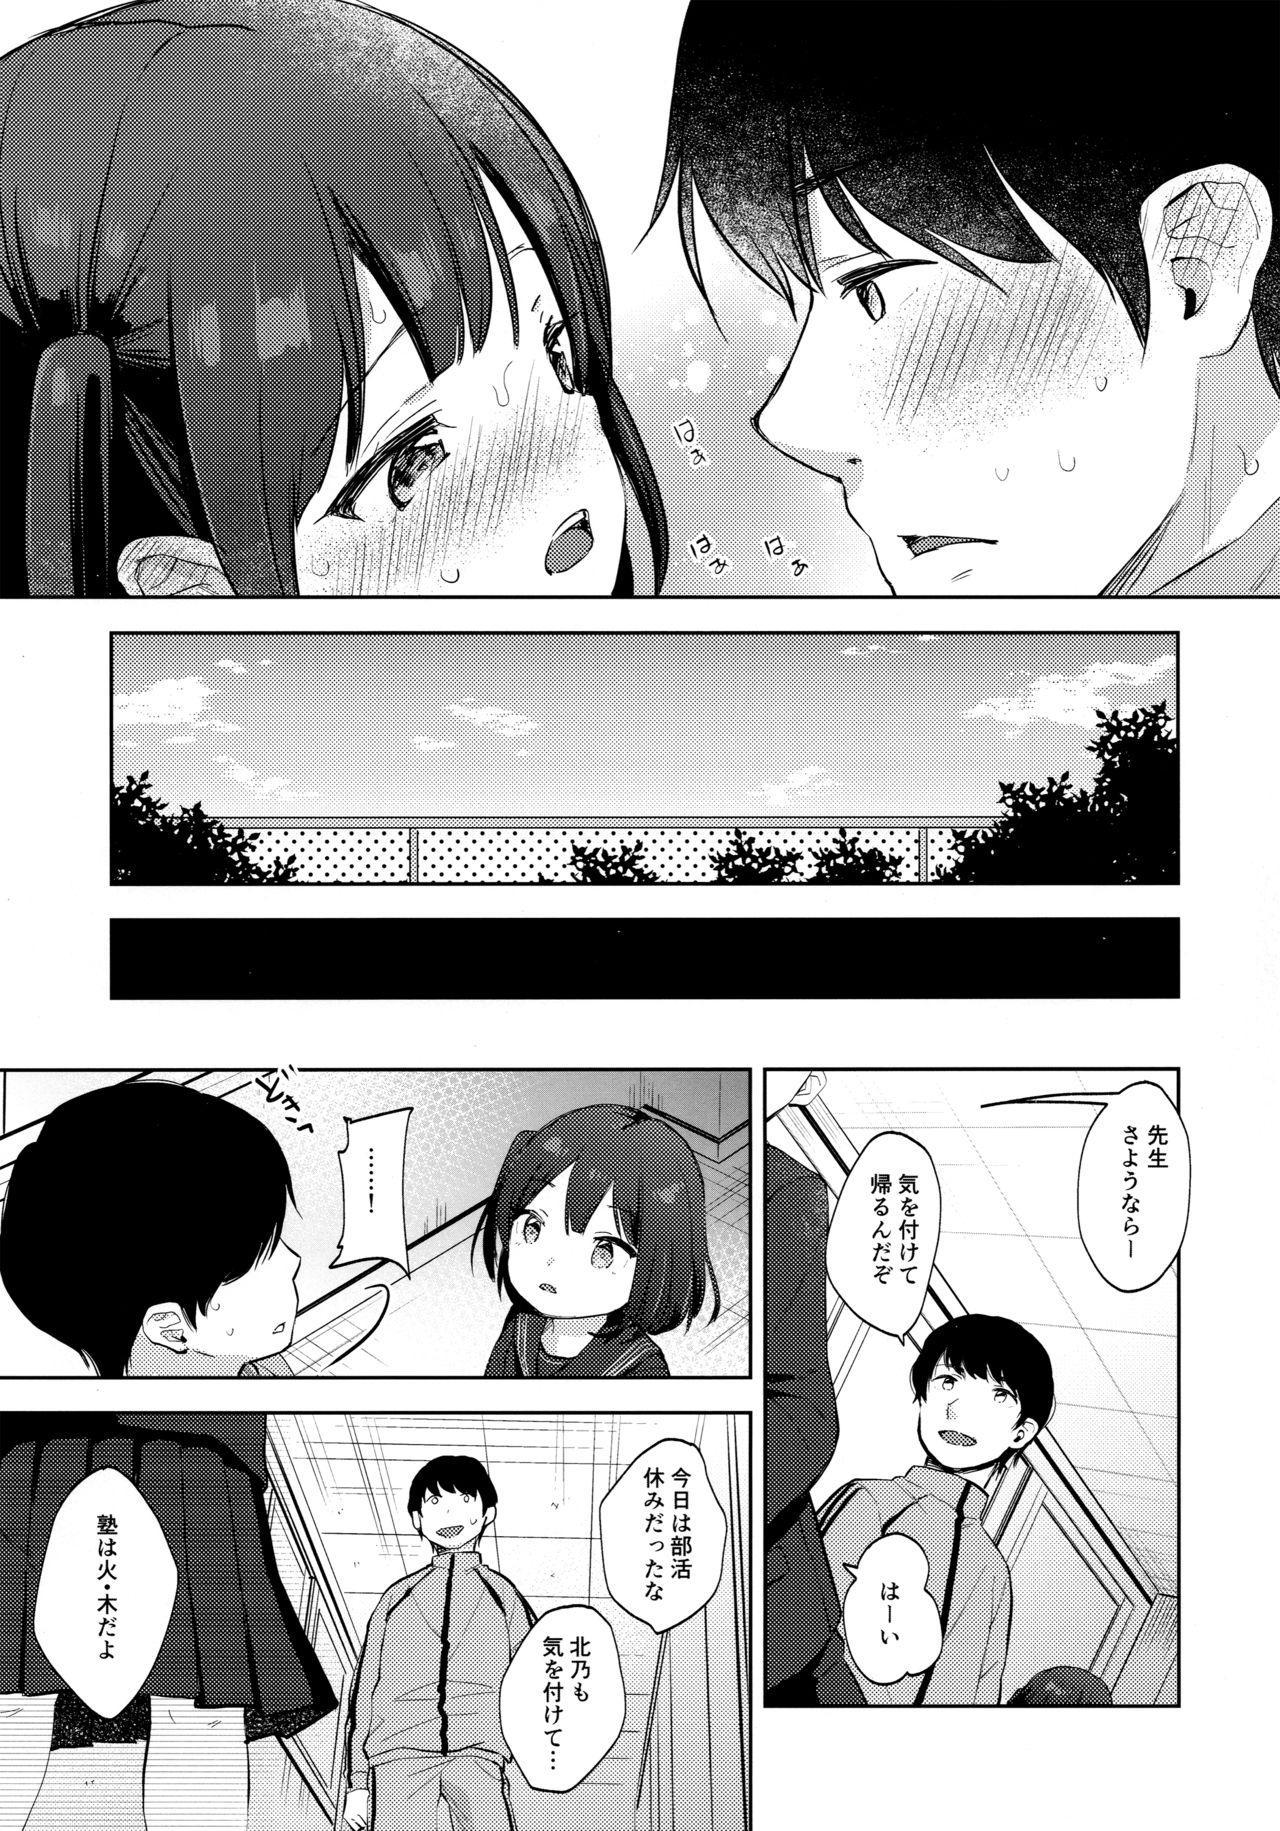 Boku no Kioku ga Oshiego ni Gisousarete Shimaimashita 21